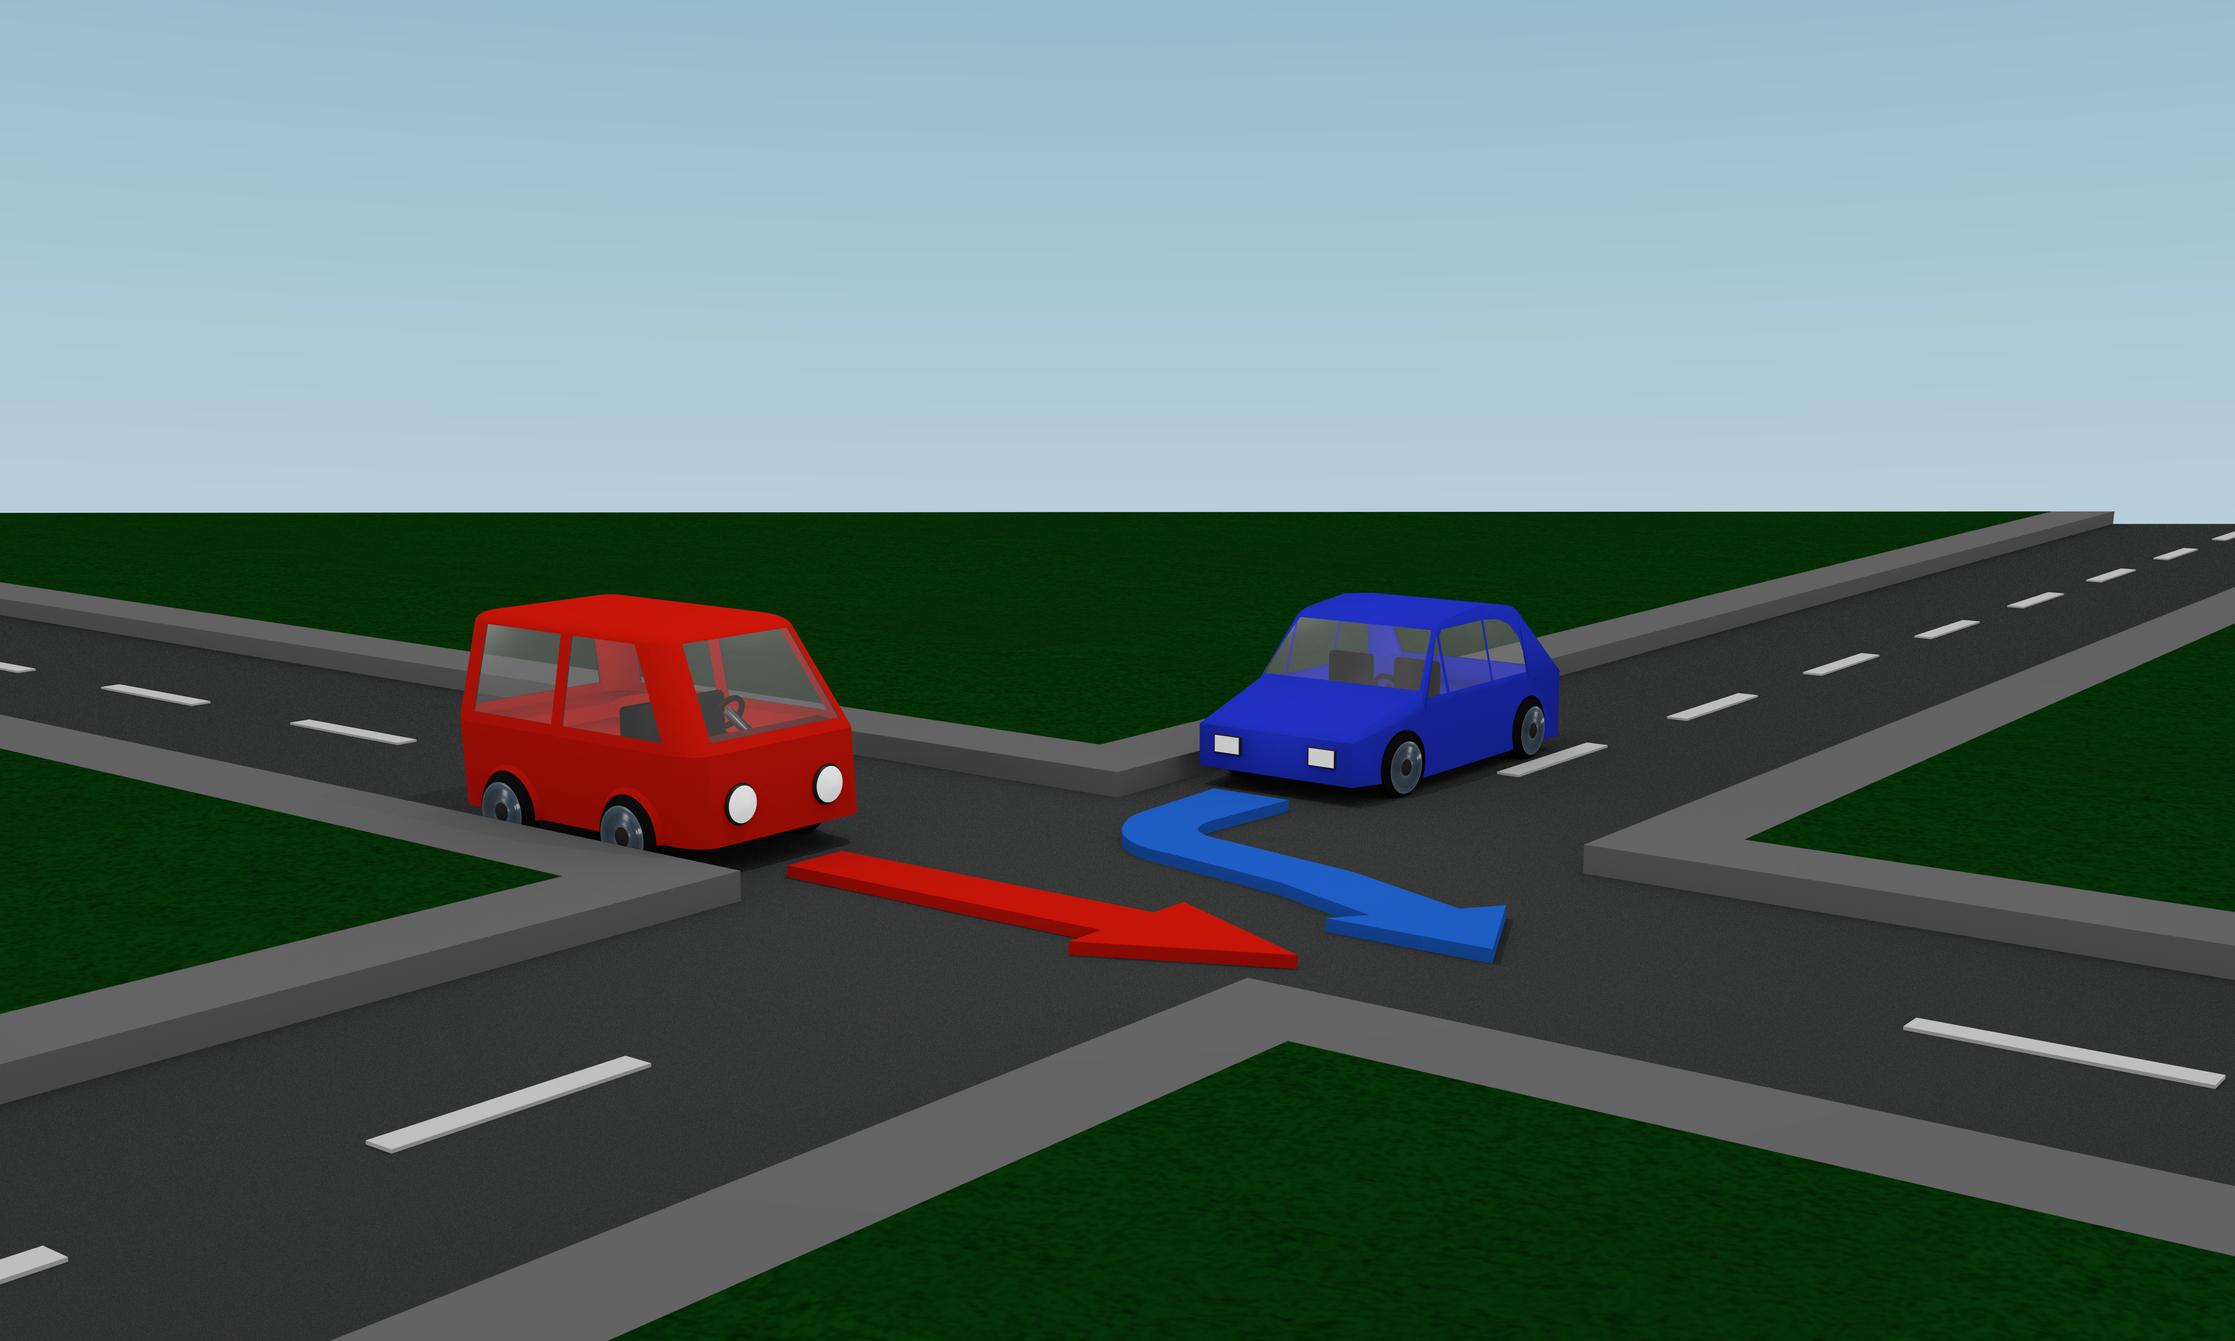 Mi a helyes közlekedési sorrend, ha a K a kék, a P a piros autót jelzi?